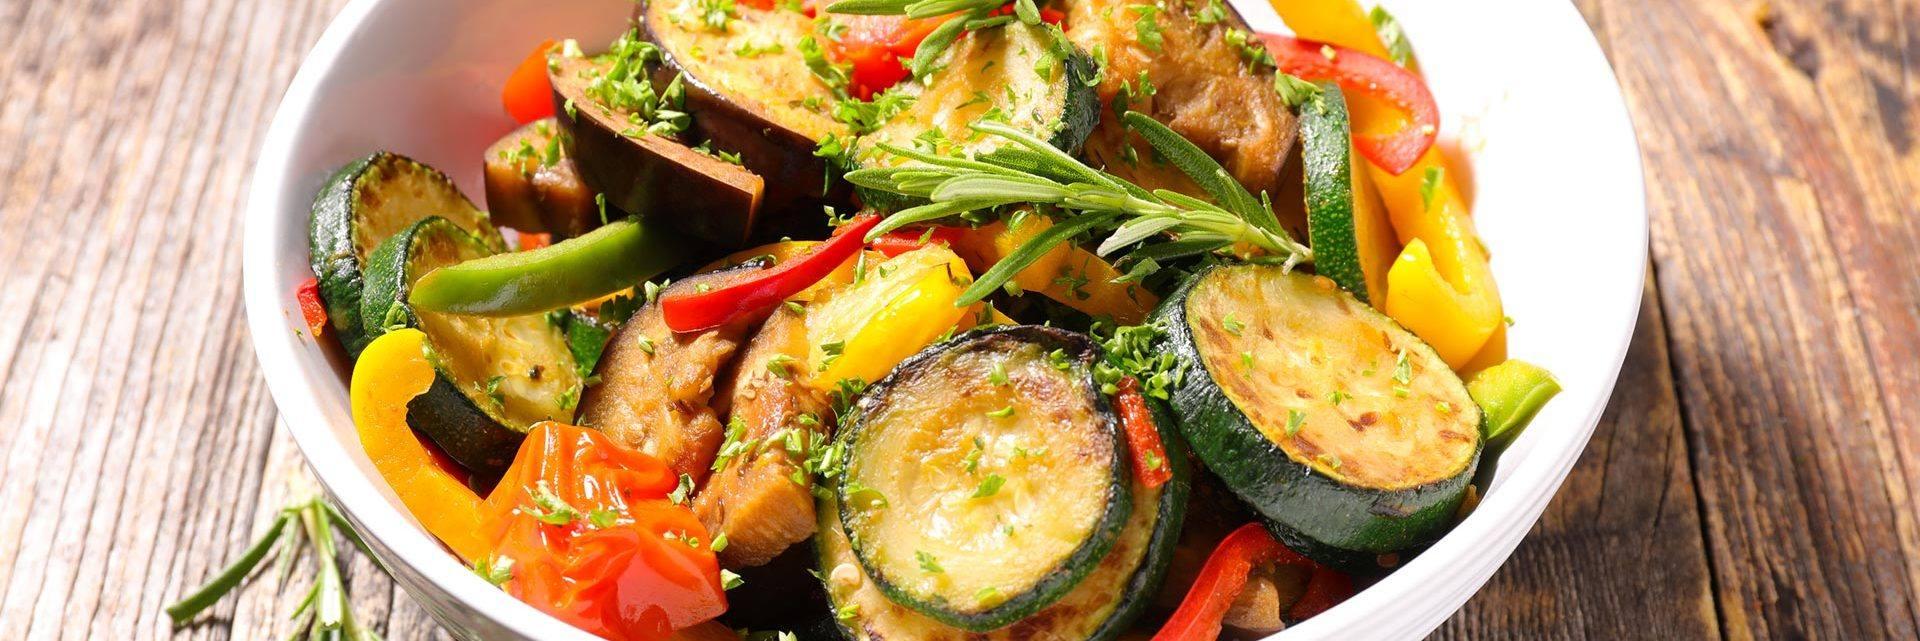 Ratatouille - repas incontournable de la Provence